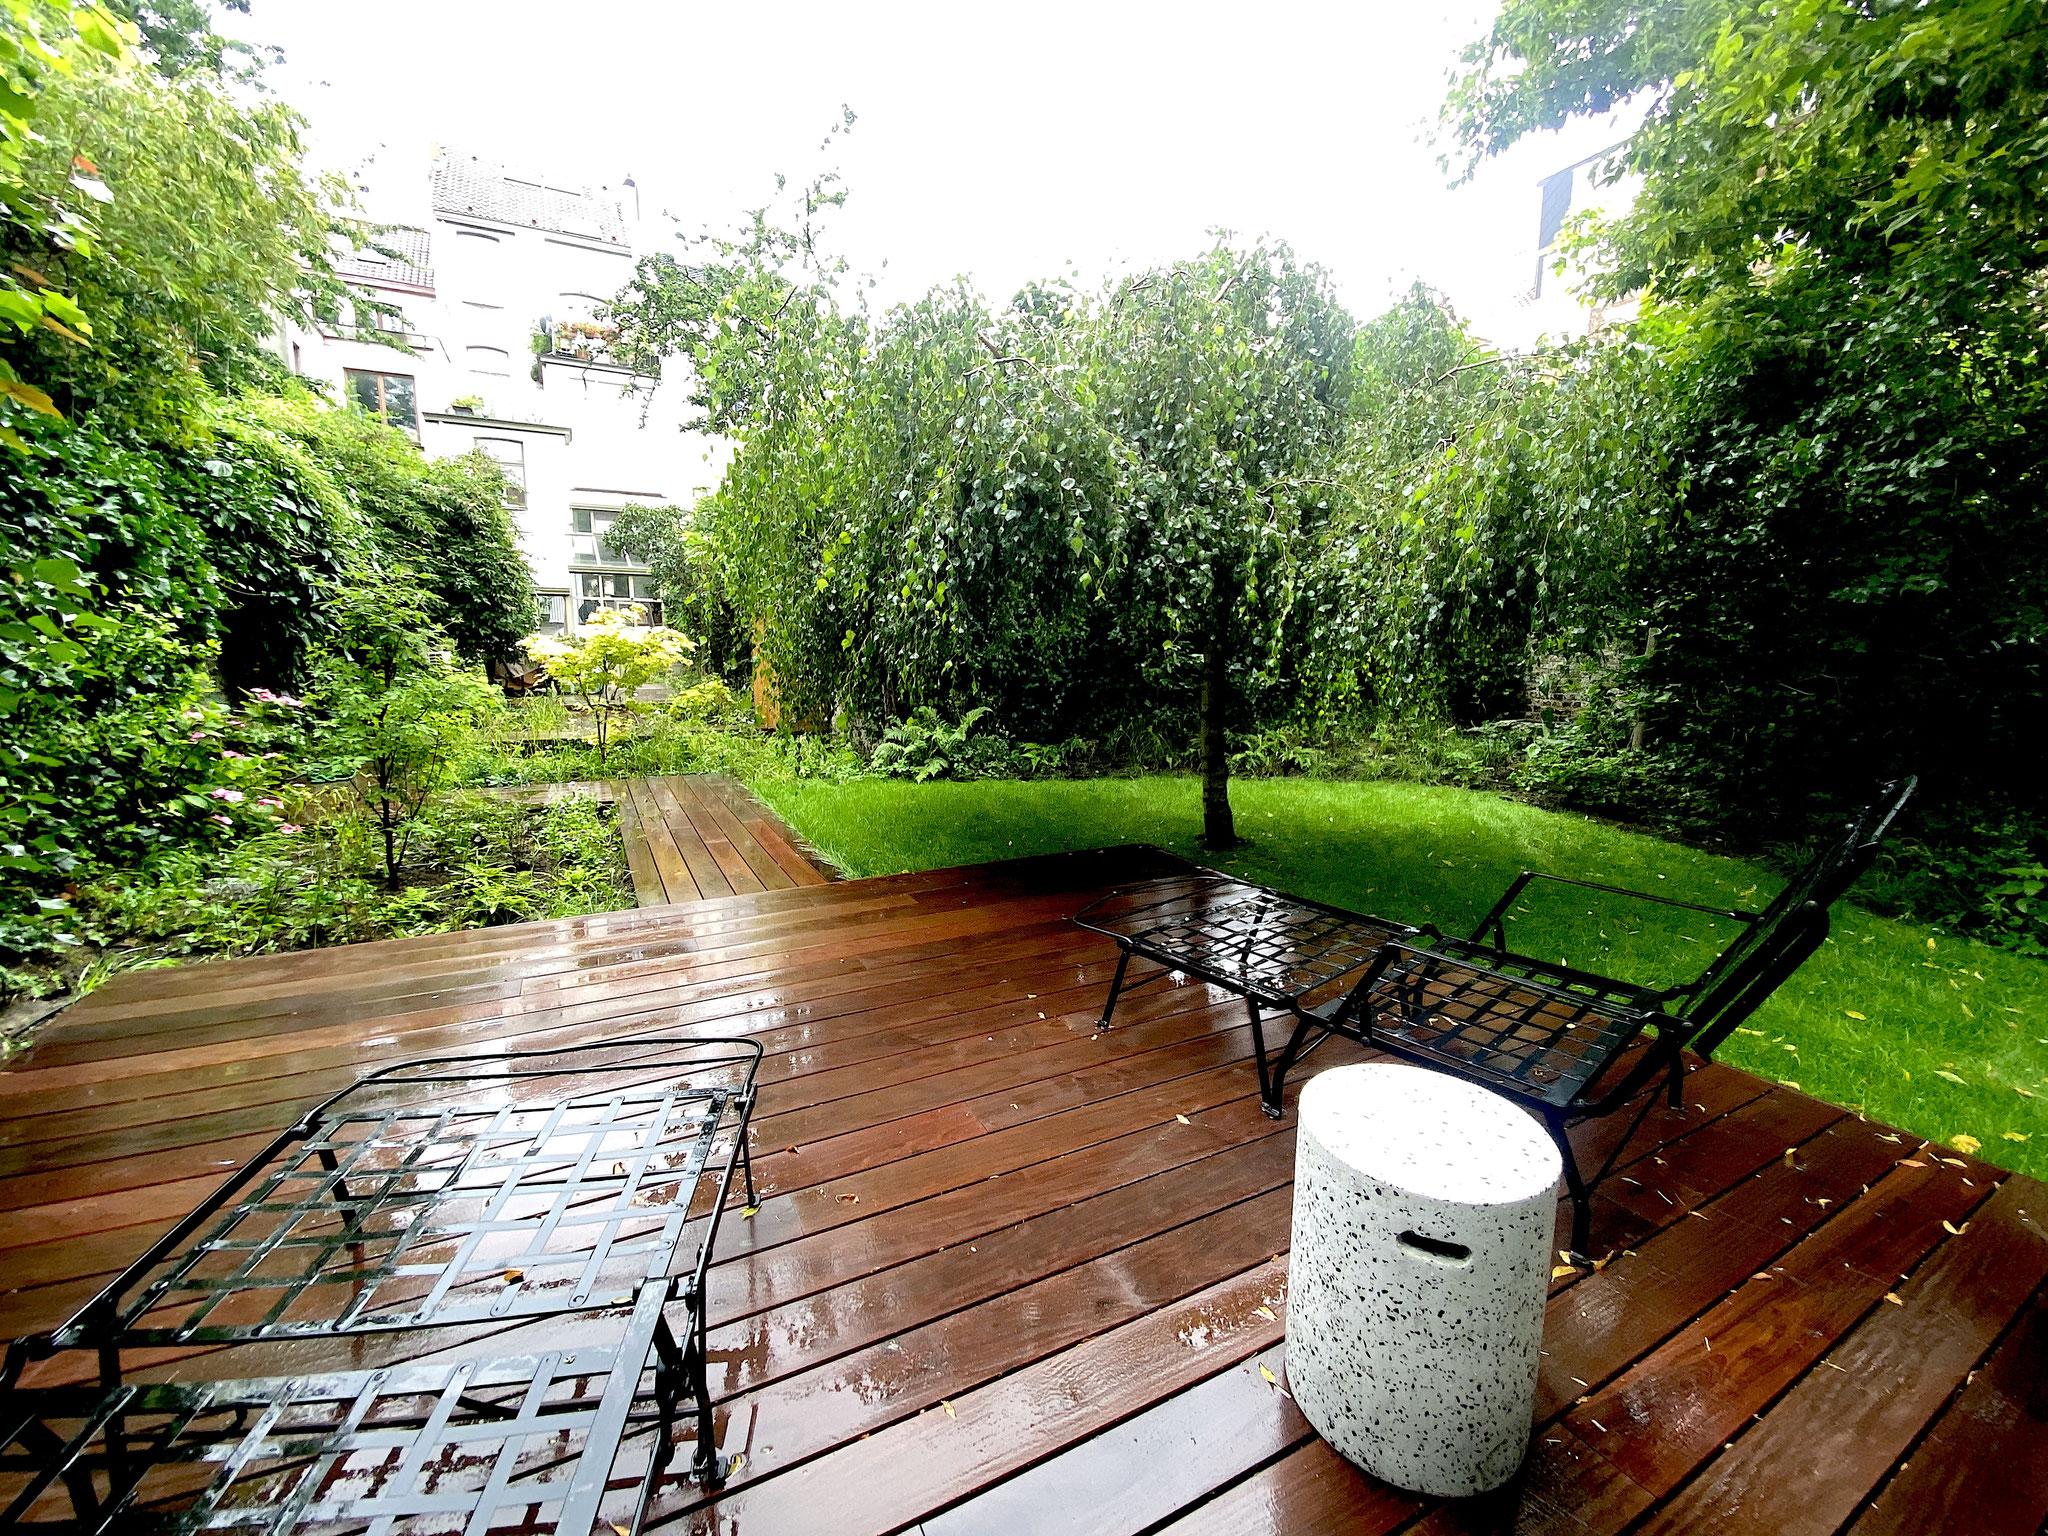 Jardin de ville 250m2 - Jardin contemporain -Terrasse en bois / Bain de soleil. Aménagement Jardin Bruxelles